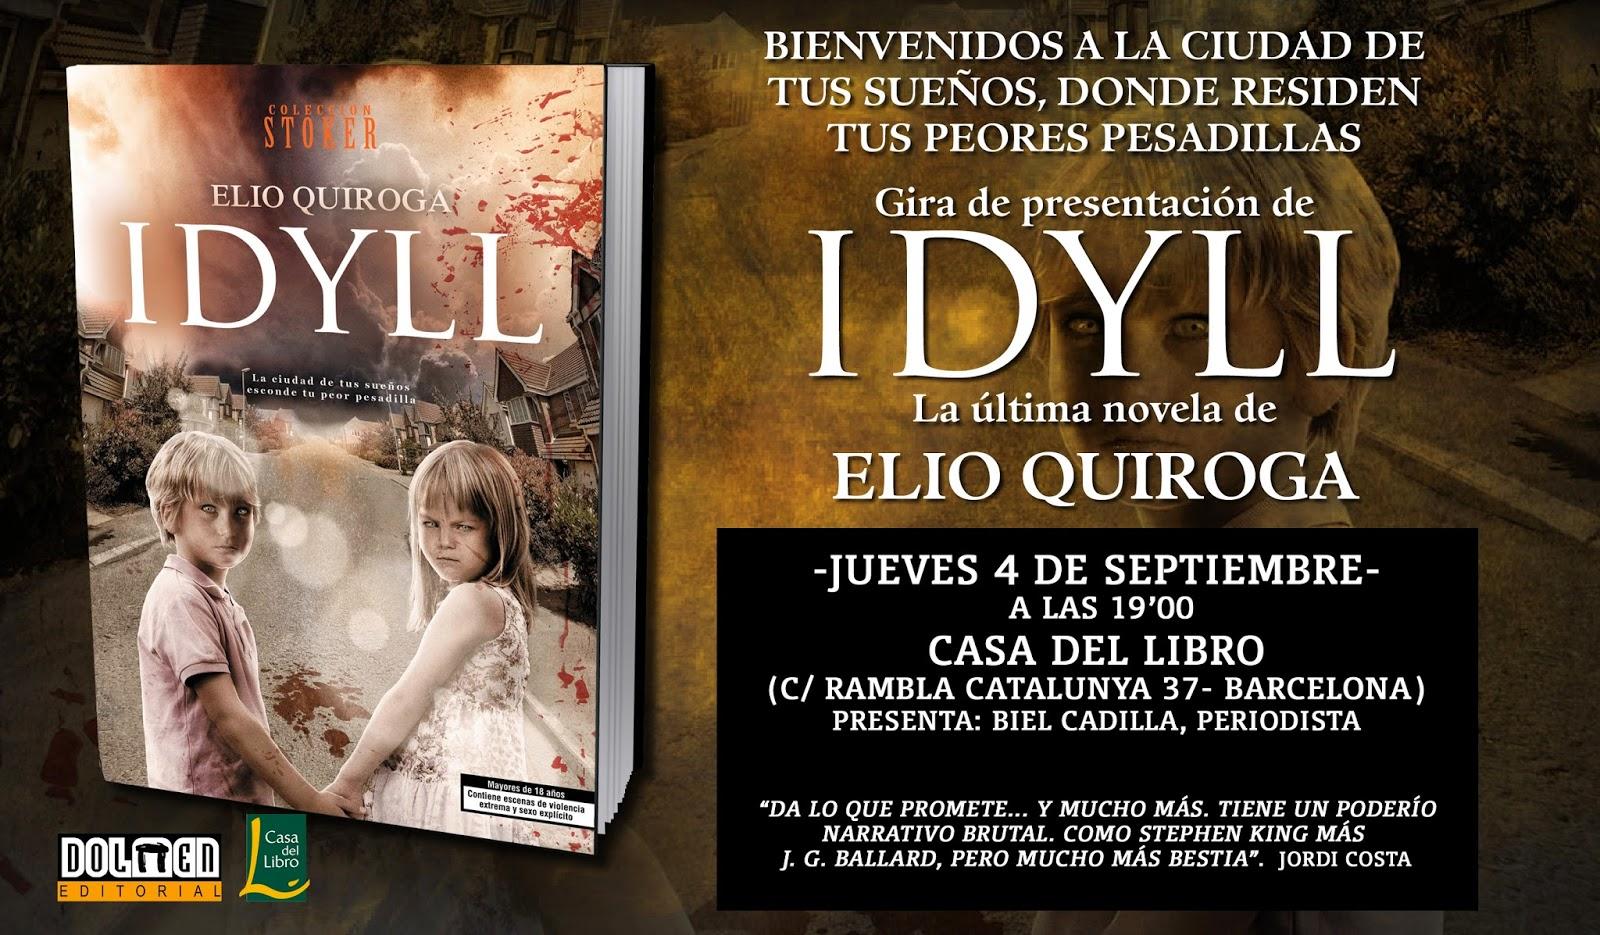 Desdemimundo firmas y presentaciones 218 idyll en barcelona - Casa del libro barcelona rambla catalunya ...